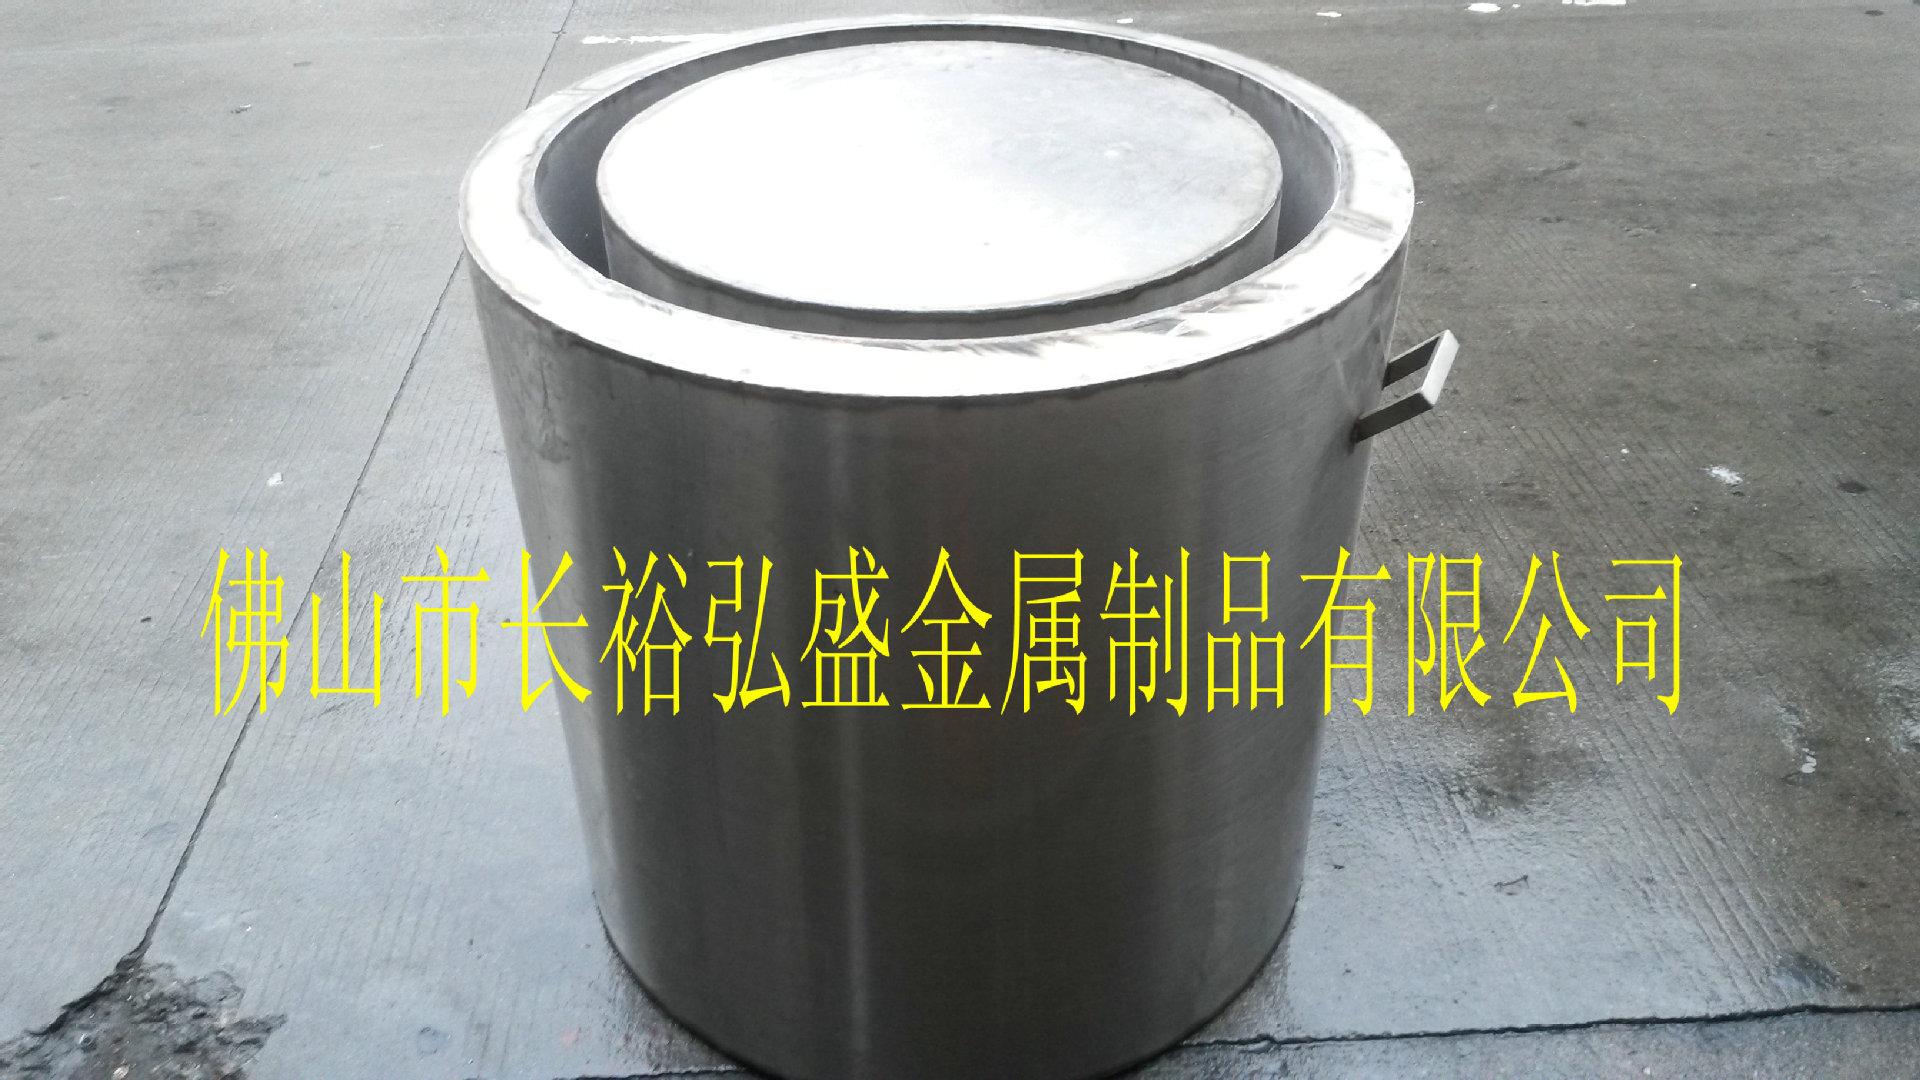 供给不锈钢制品加工 镭射下料 折弯,冲孔,冲槽,展开 精加工